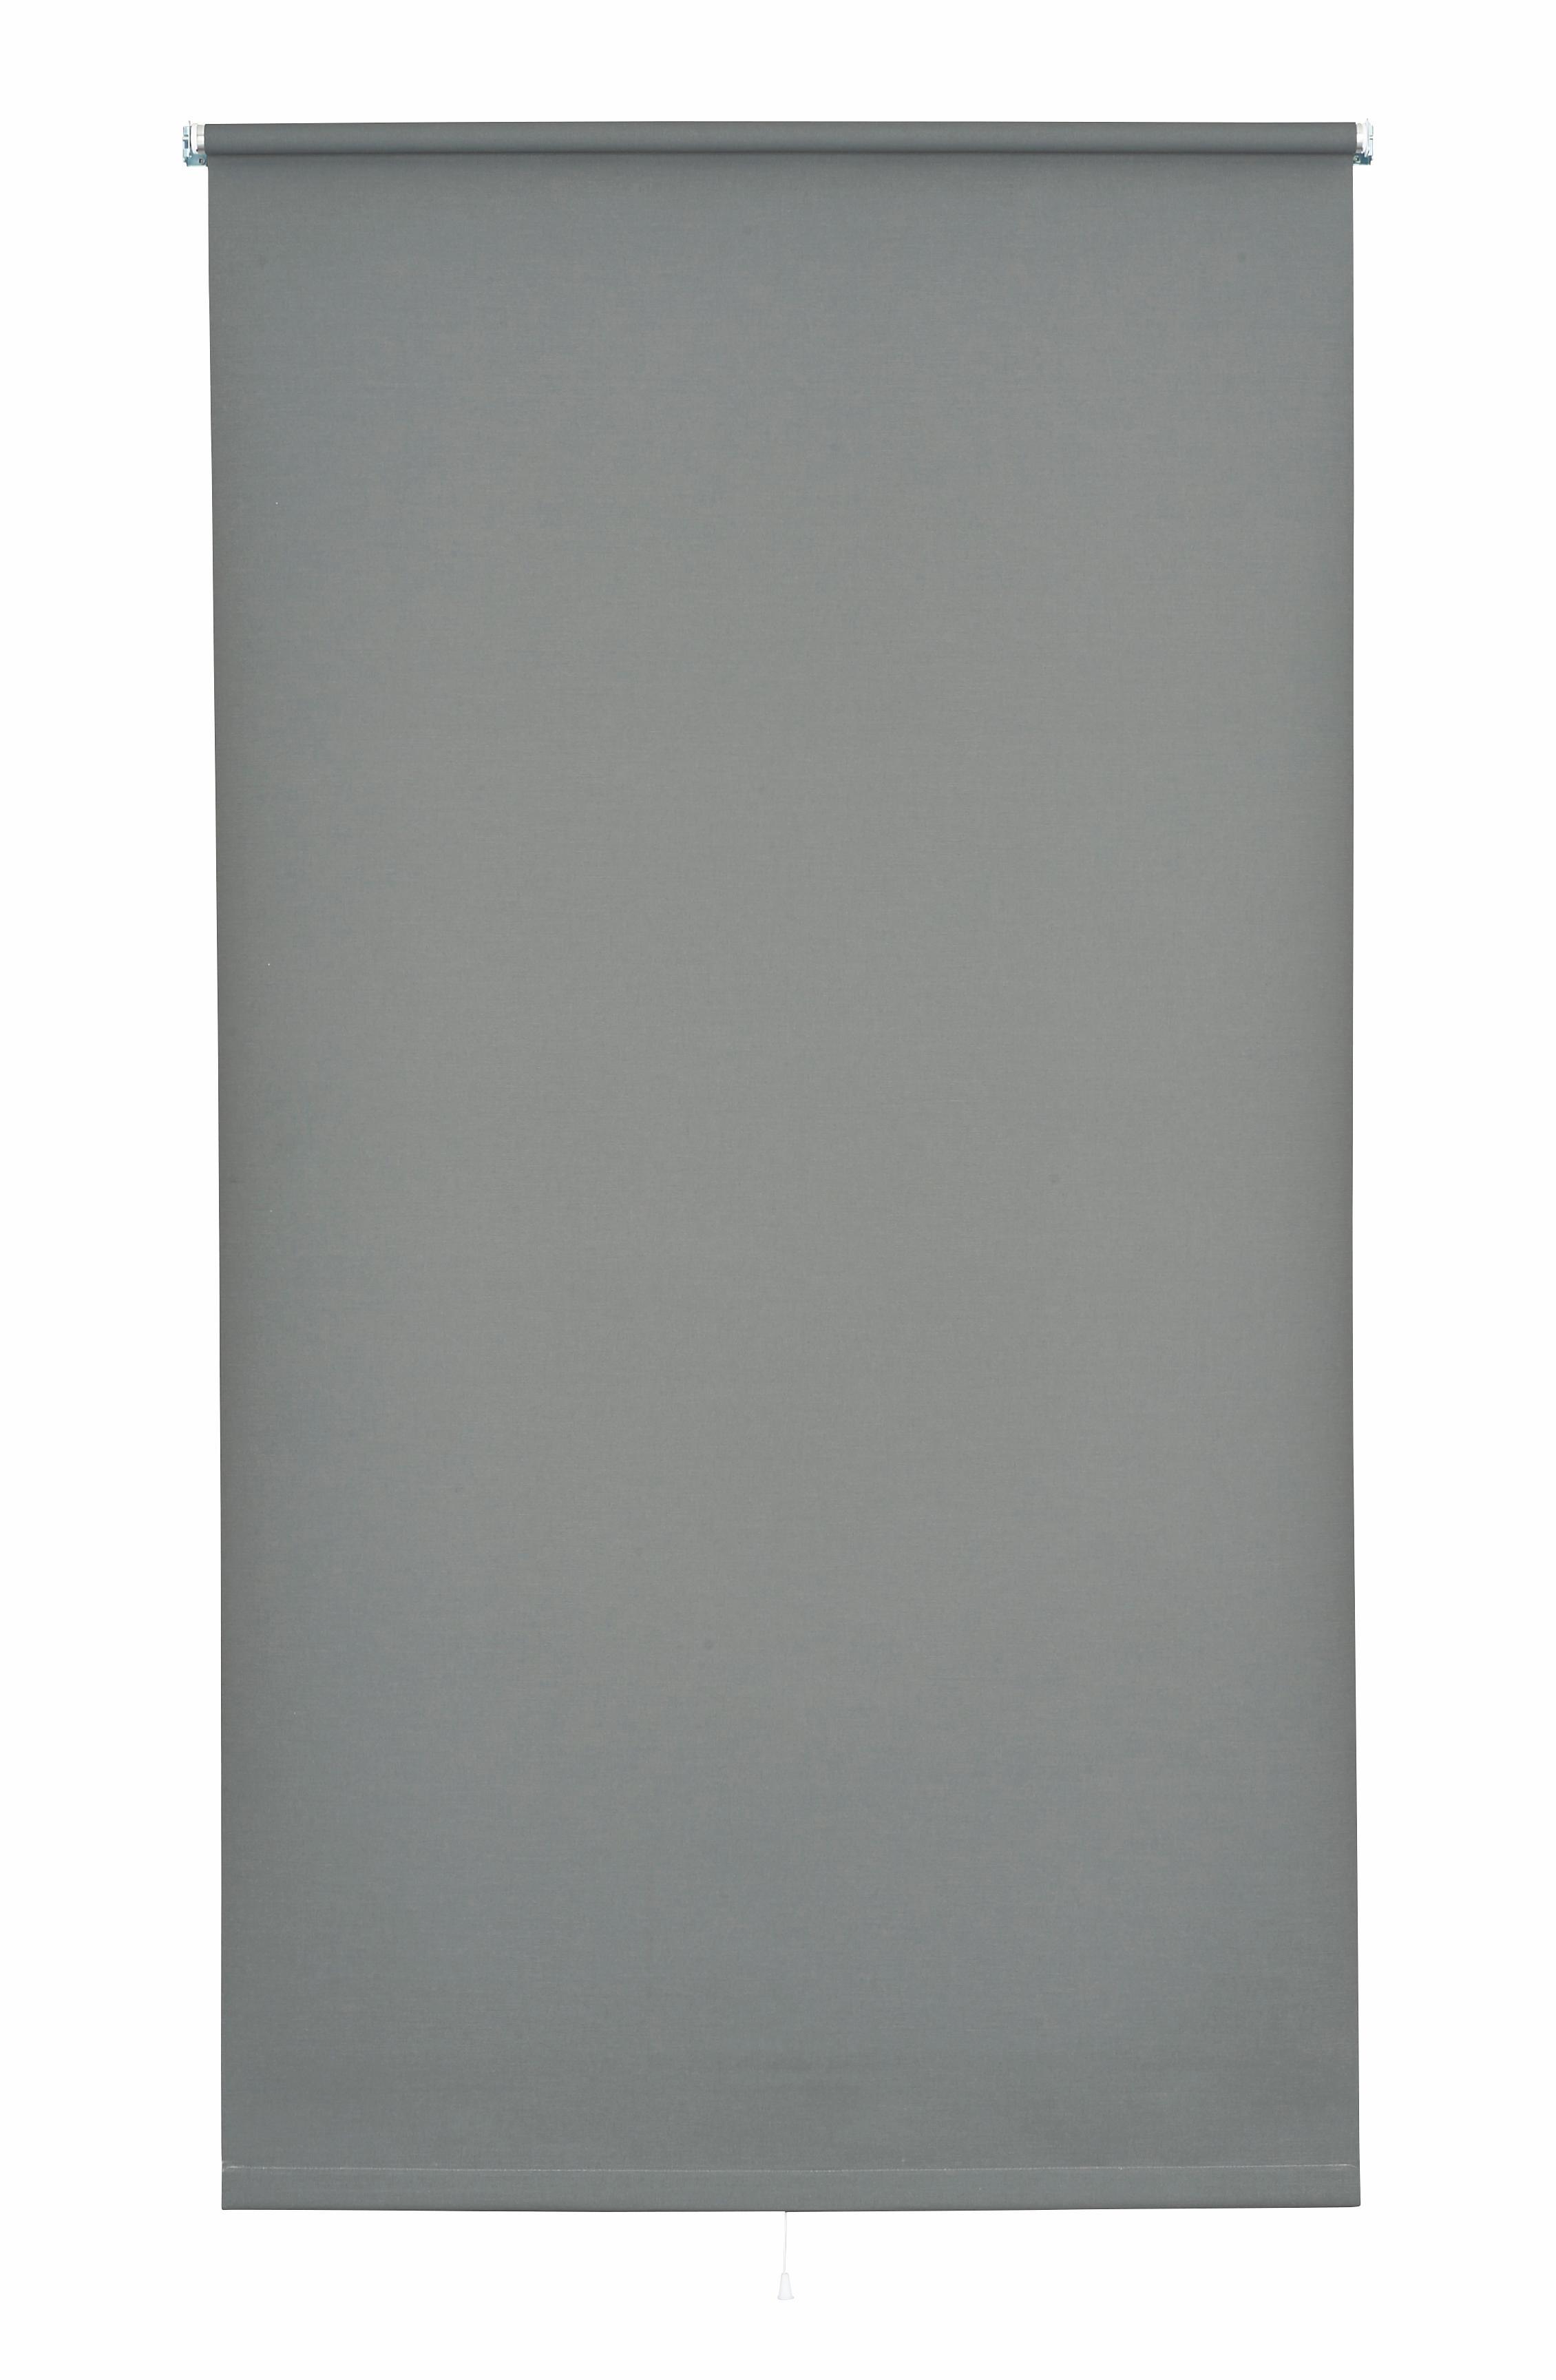 Sunlines Rolgordijn met springmechaniek, »Uni«, in standaardmaat (per stuk), lichtwerend goedkoop op otto.nl kopen